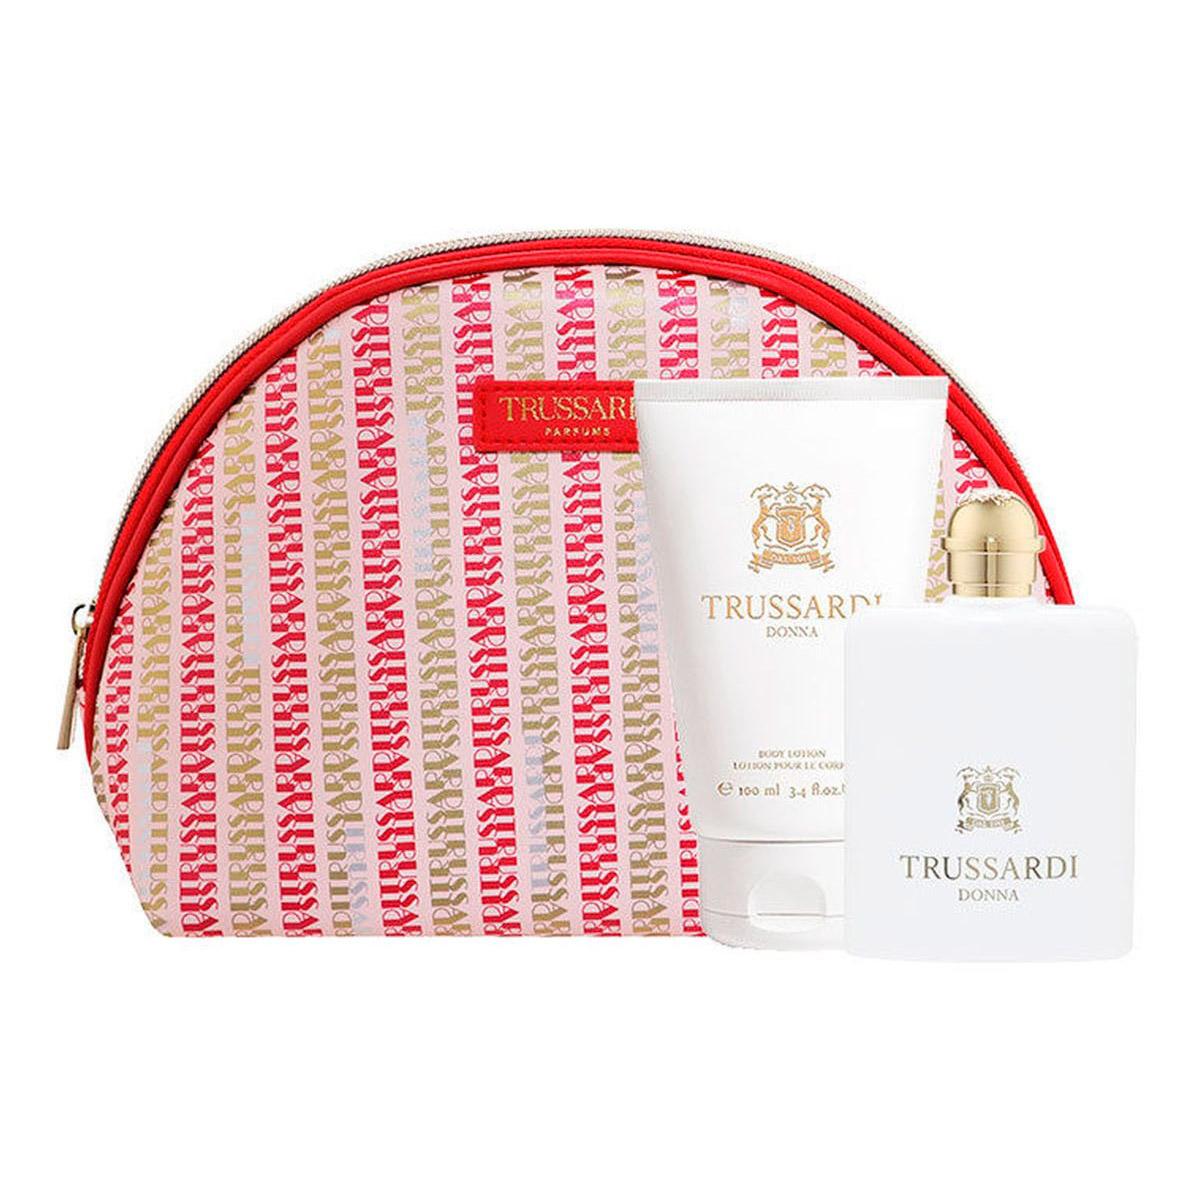 Набор Trussardi Donna женский (Парфюмированная вода 100мл+лосьон для тела 100мл+сумка)